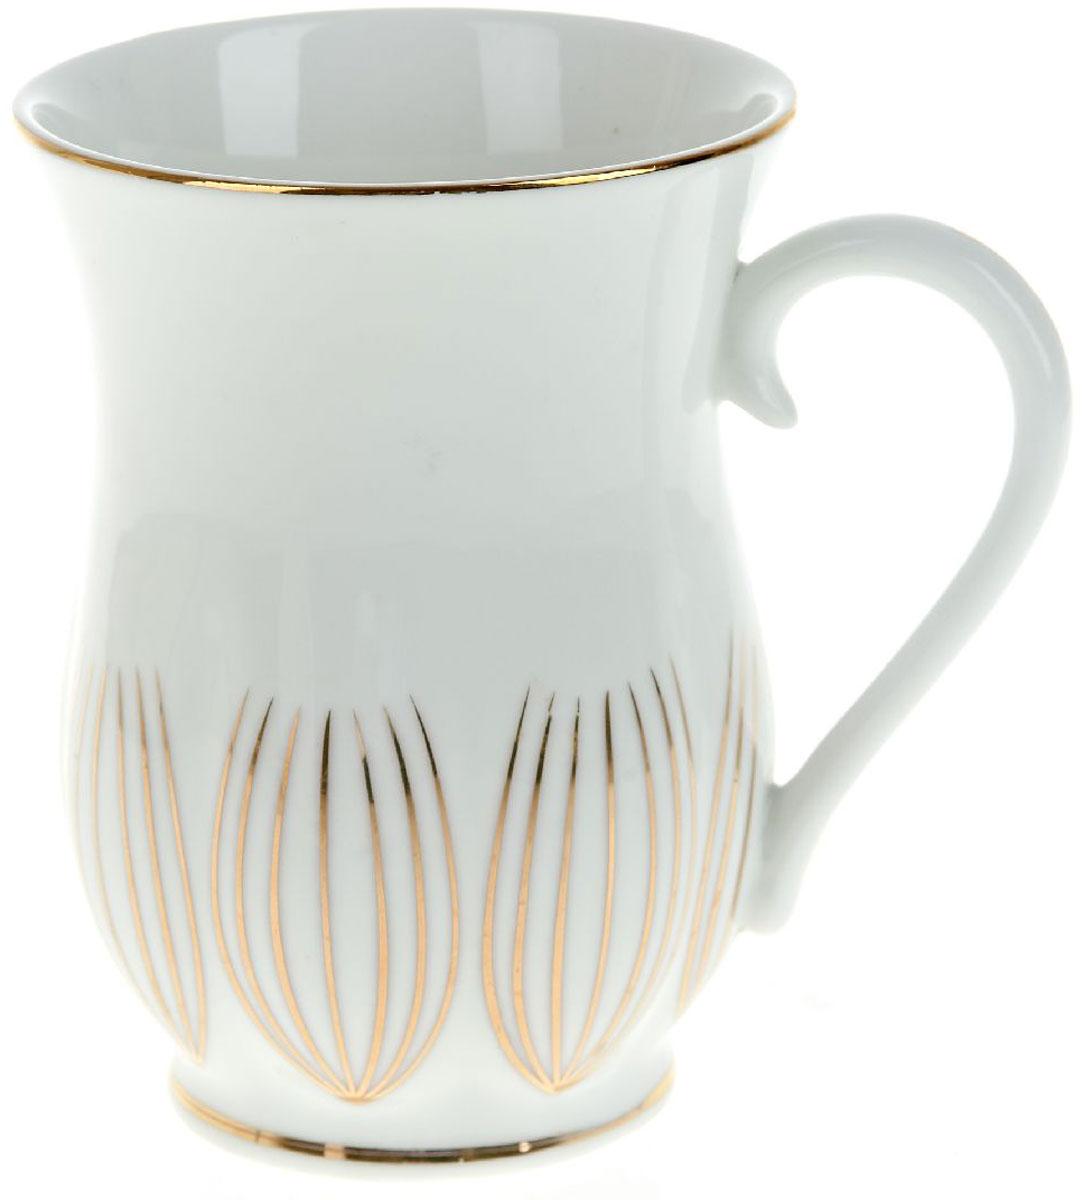 Кружка BHP Грация, 400 мл391602Оригинальная кружка Best Home Porcelain, выполненная из высококачественного фарфора, сочетает в себе простой, утонченный дизайн с максимальной функциональностью. Оригинальность оформления придется по вкусу тем, кто ценит индивидуальность.Можно использовать в посудомоечной машине.